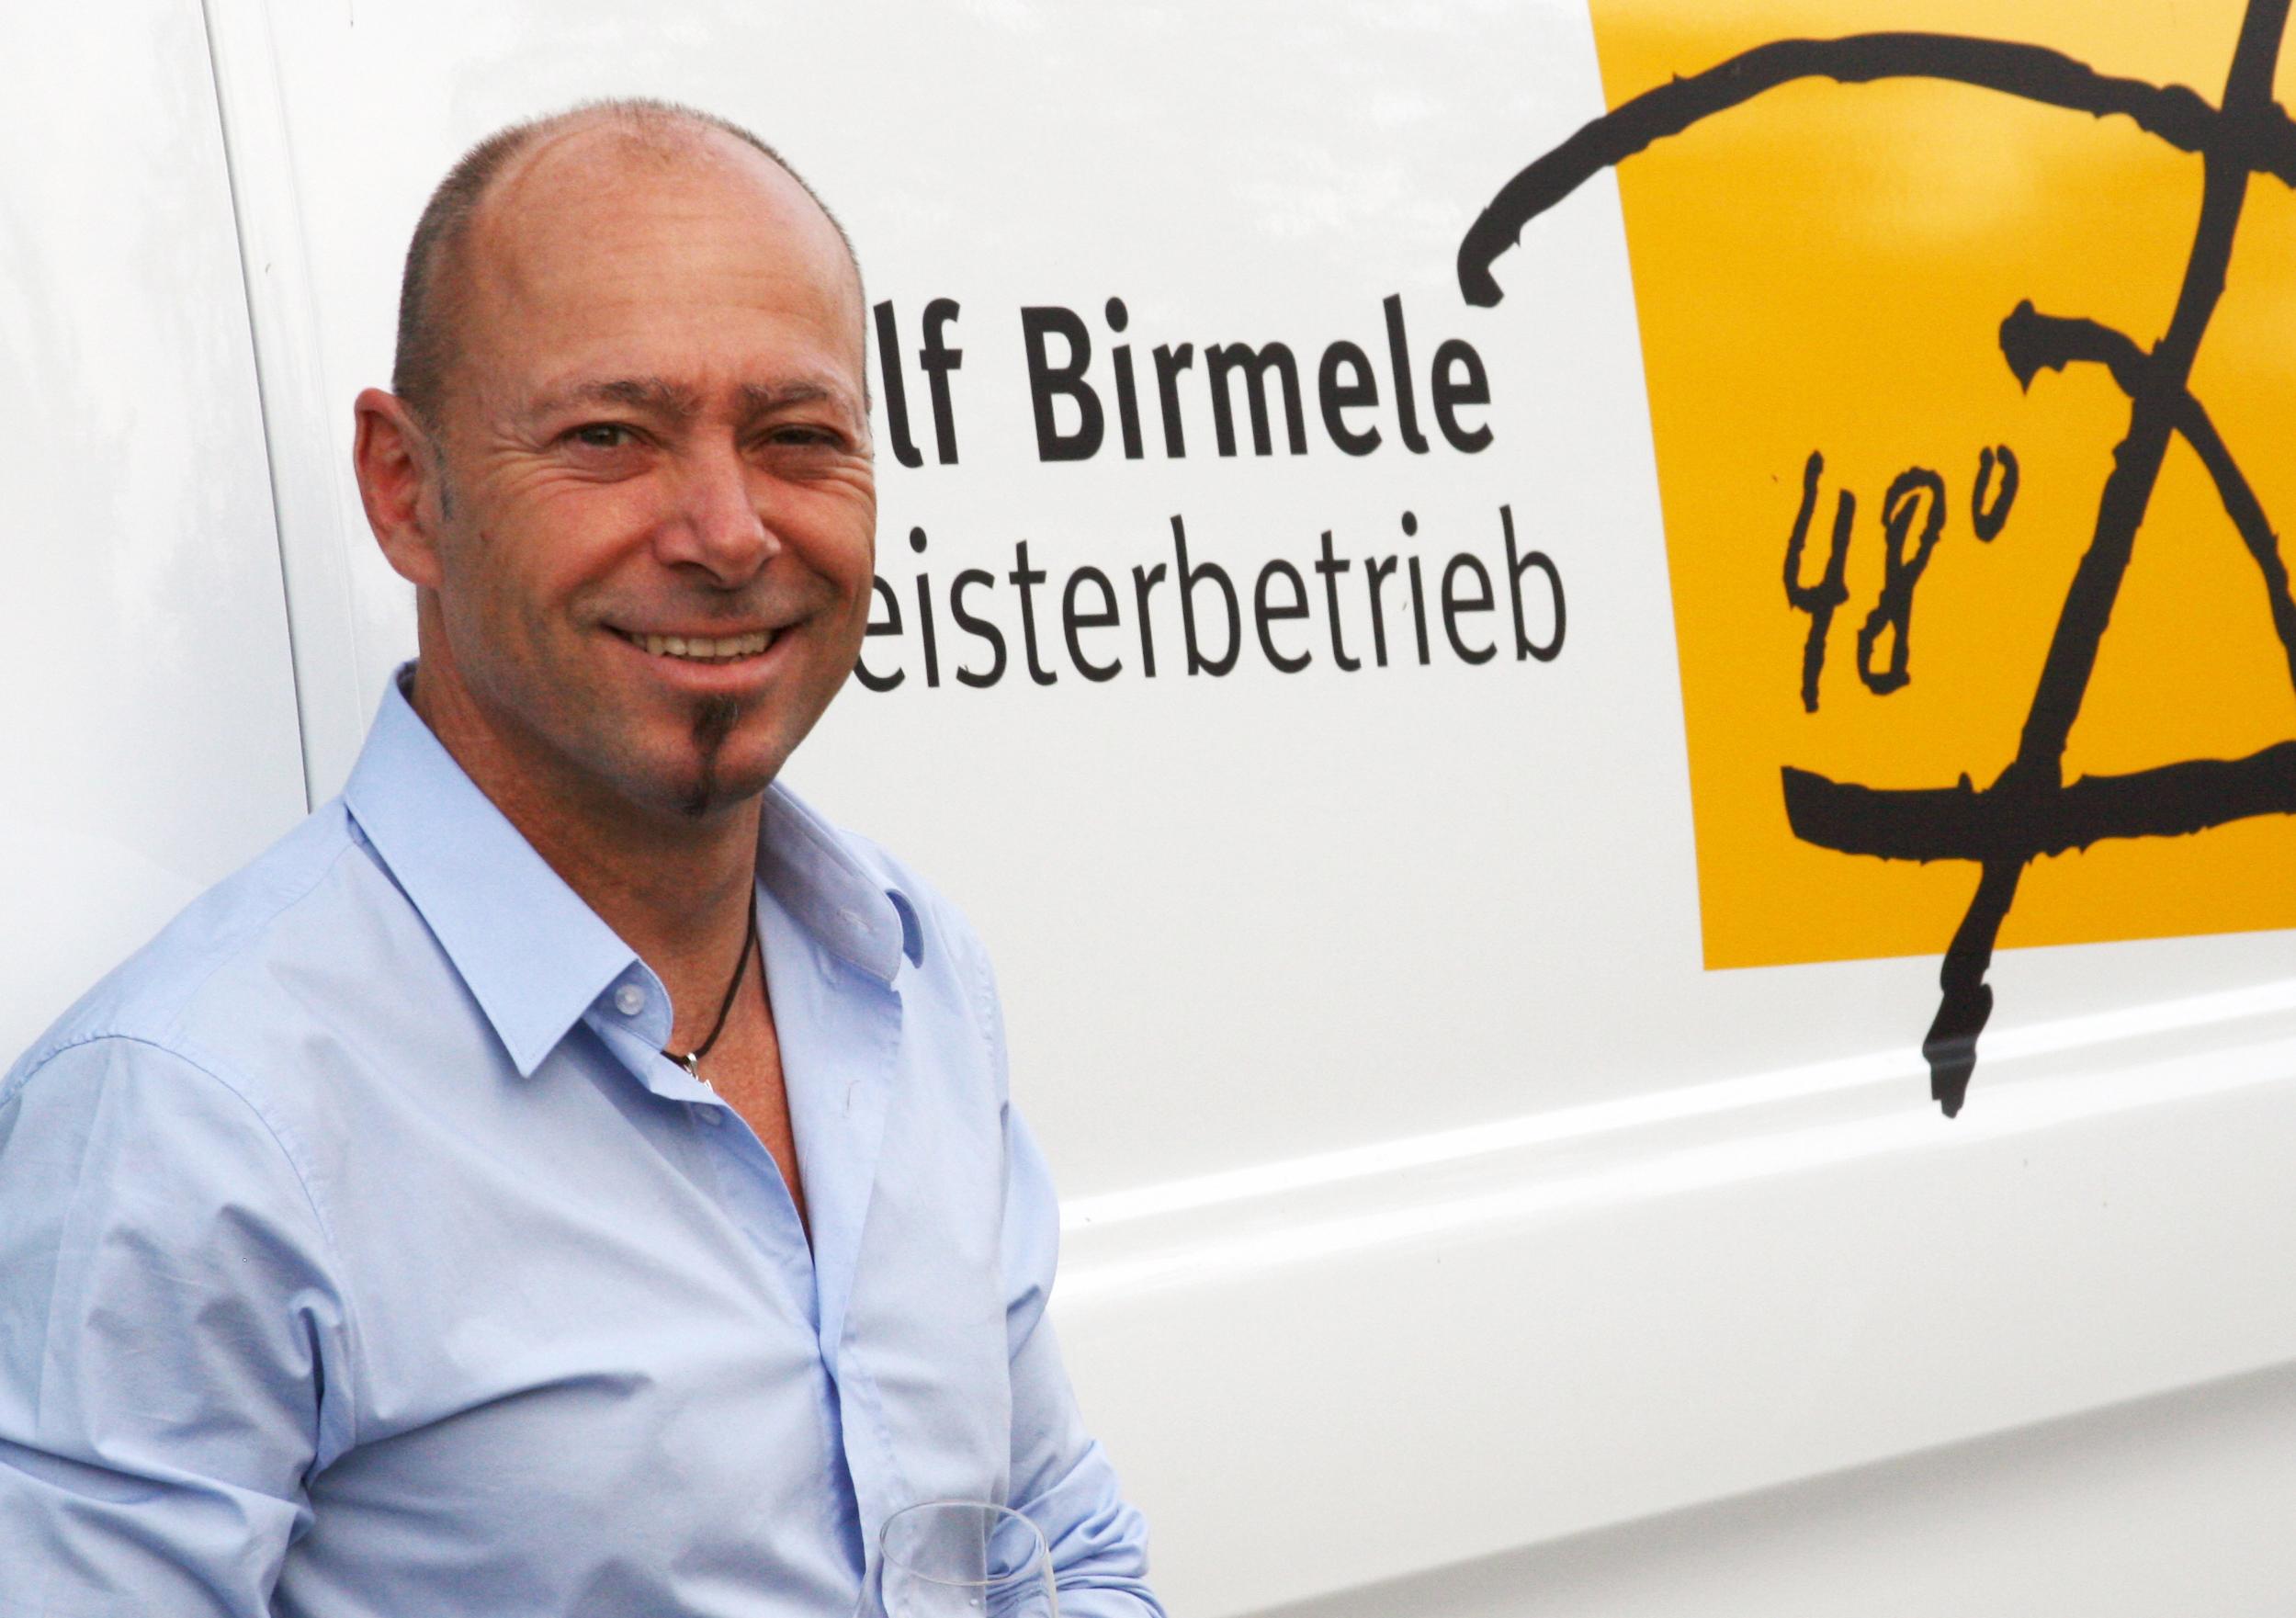 Ralf Birmele